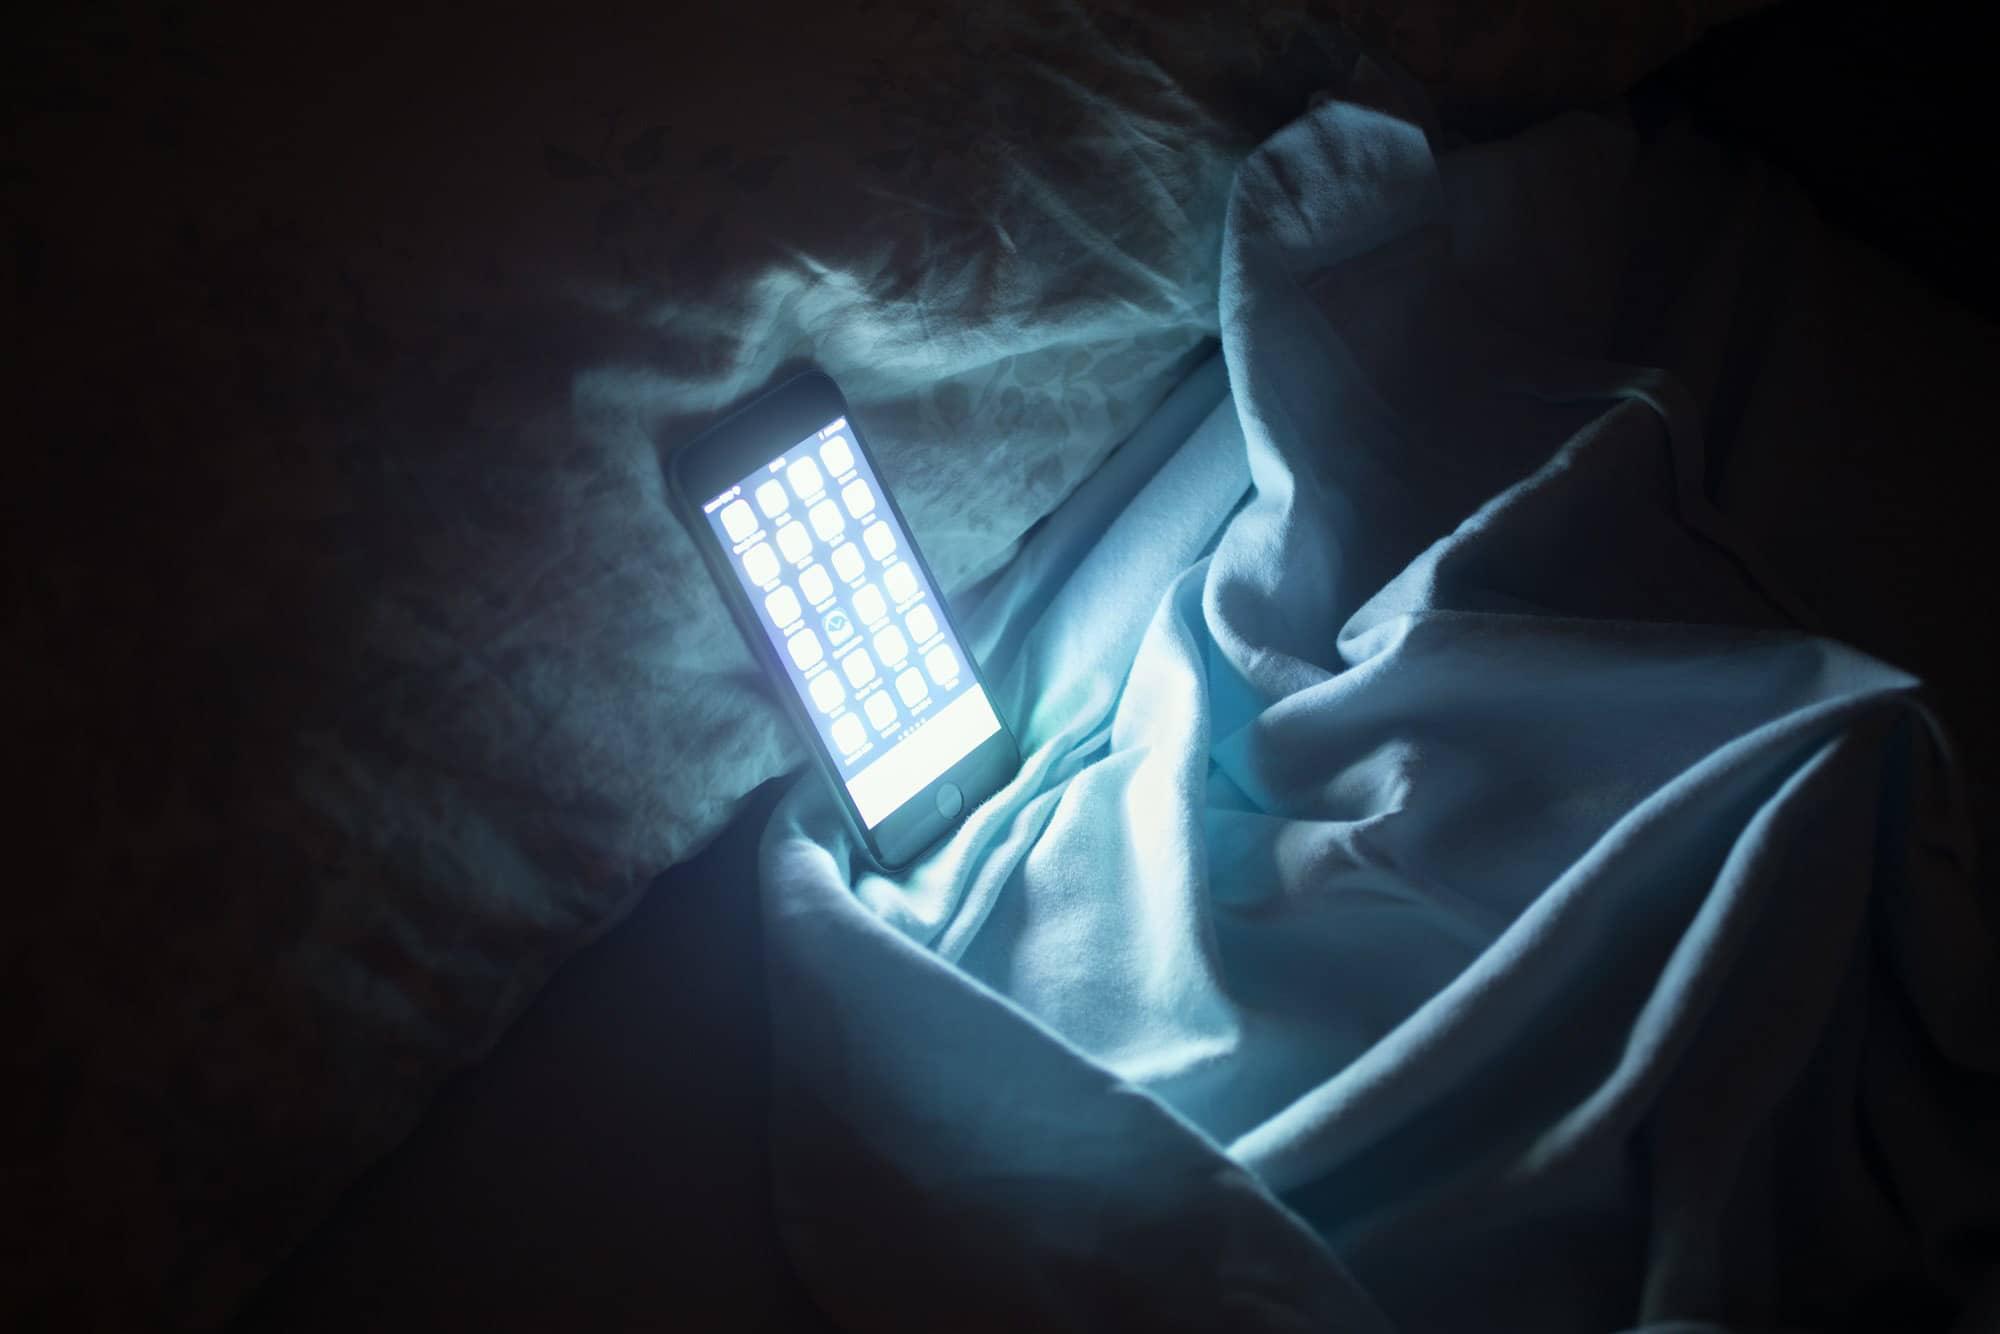 ضوء الشاشة الأزرق مضر